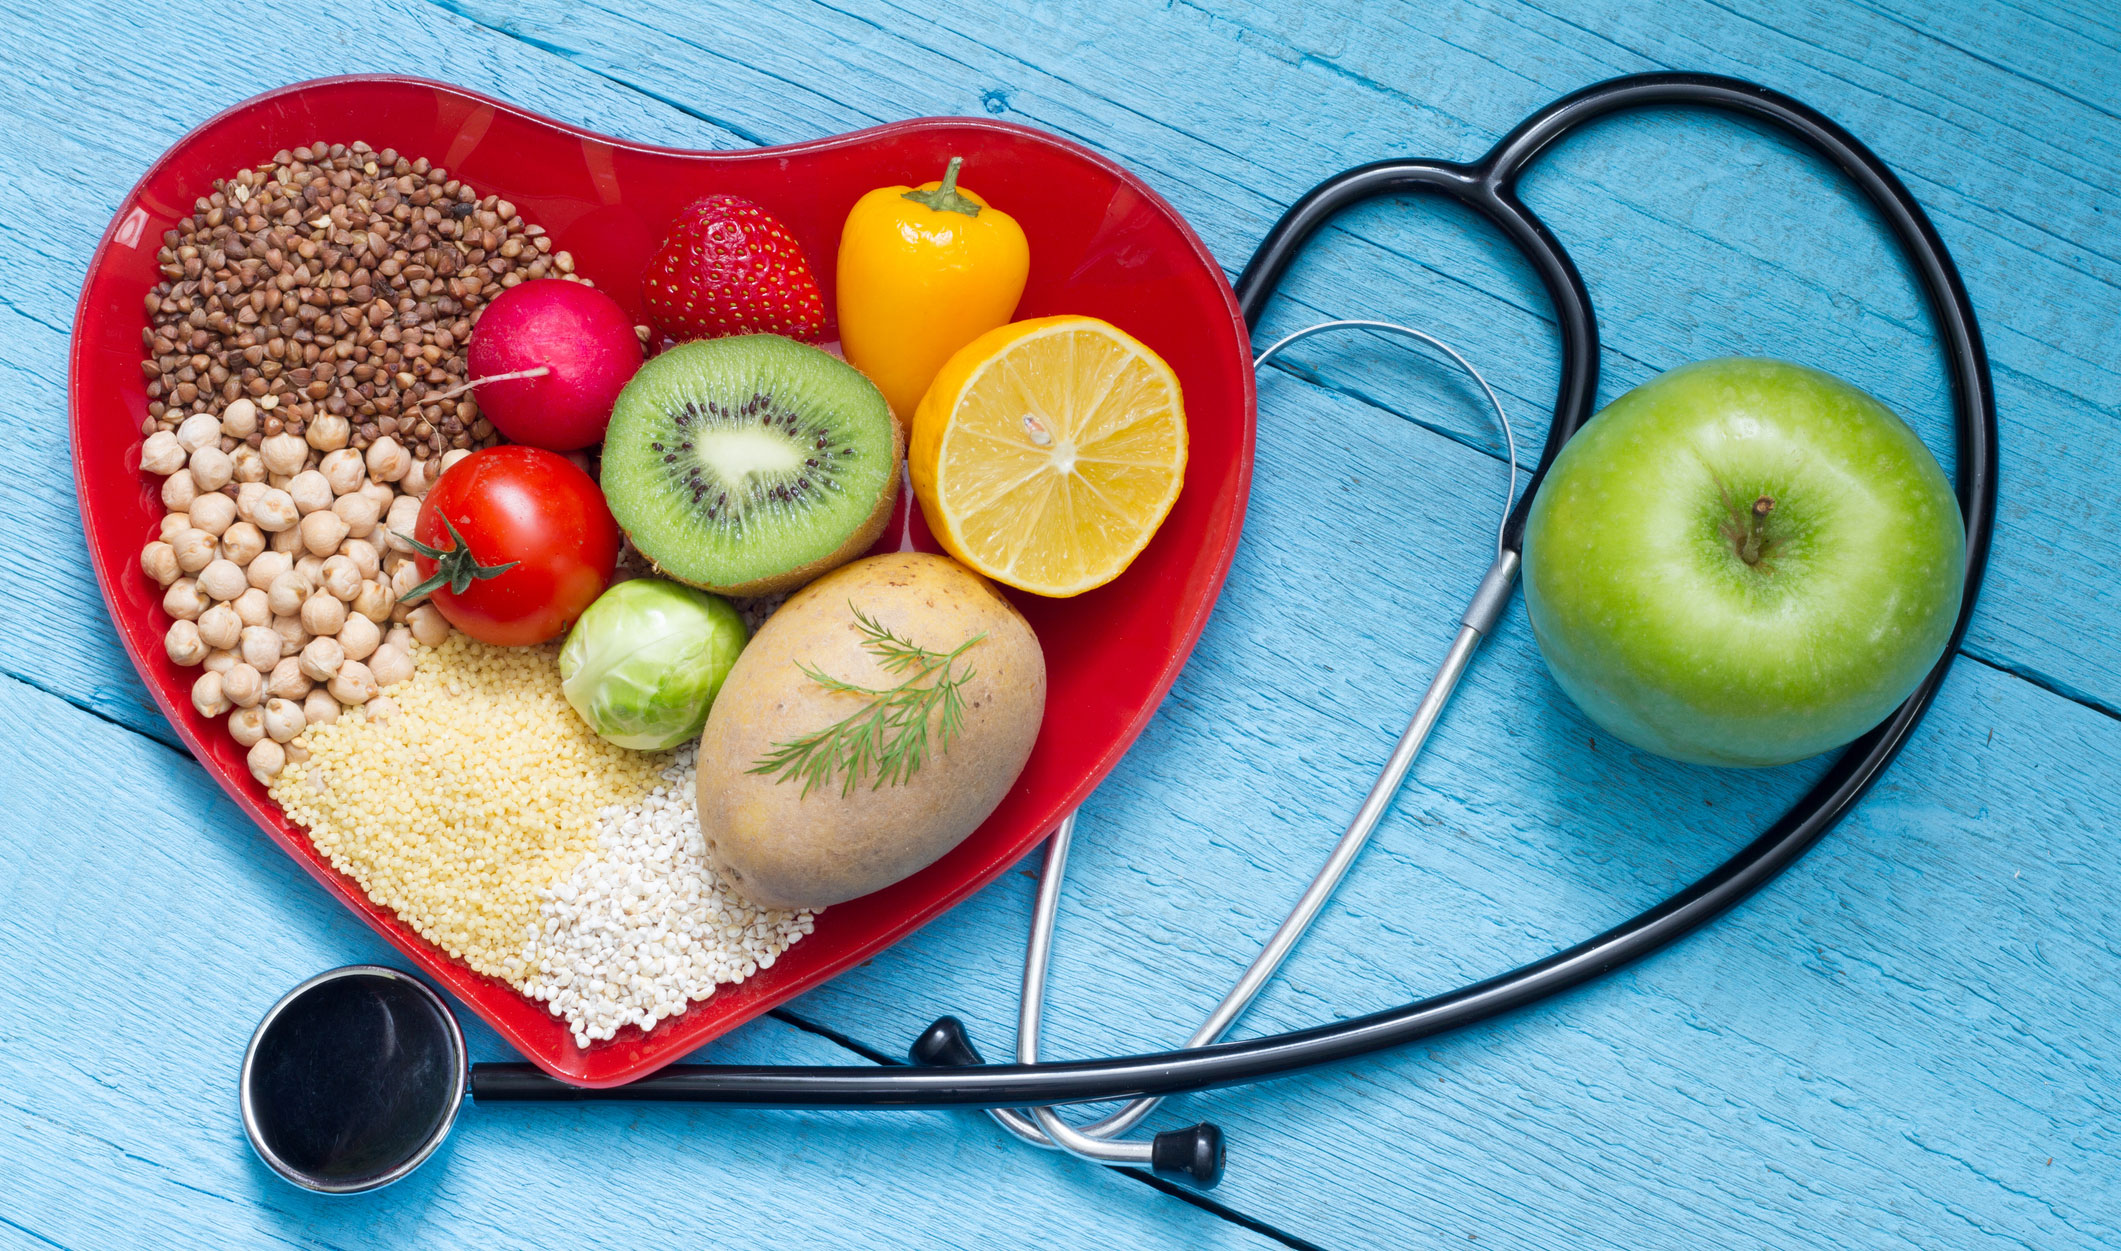 диета сердечнику